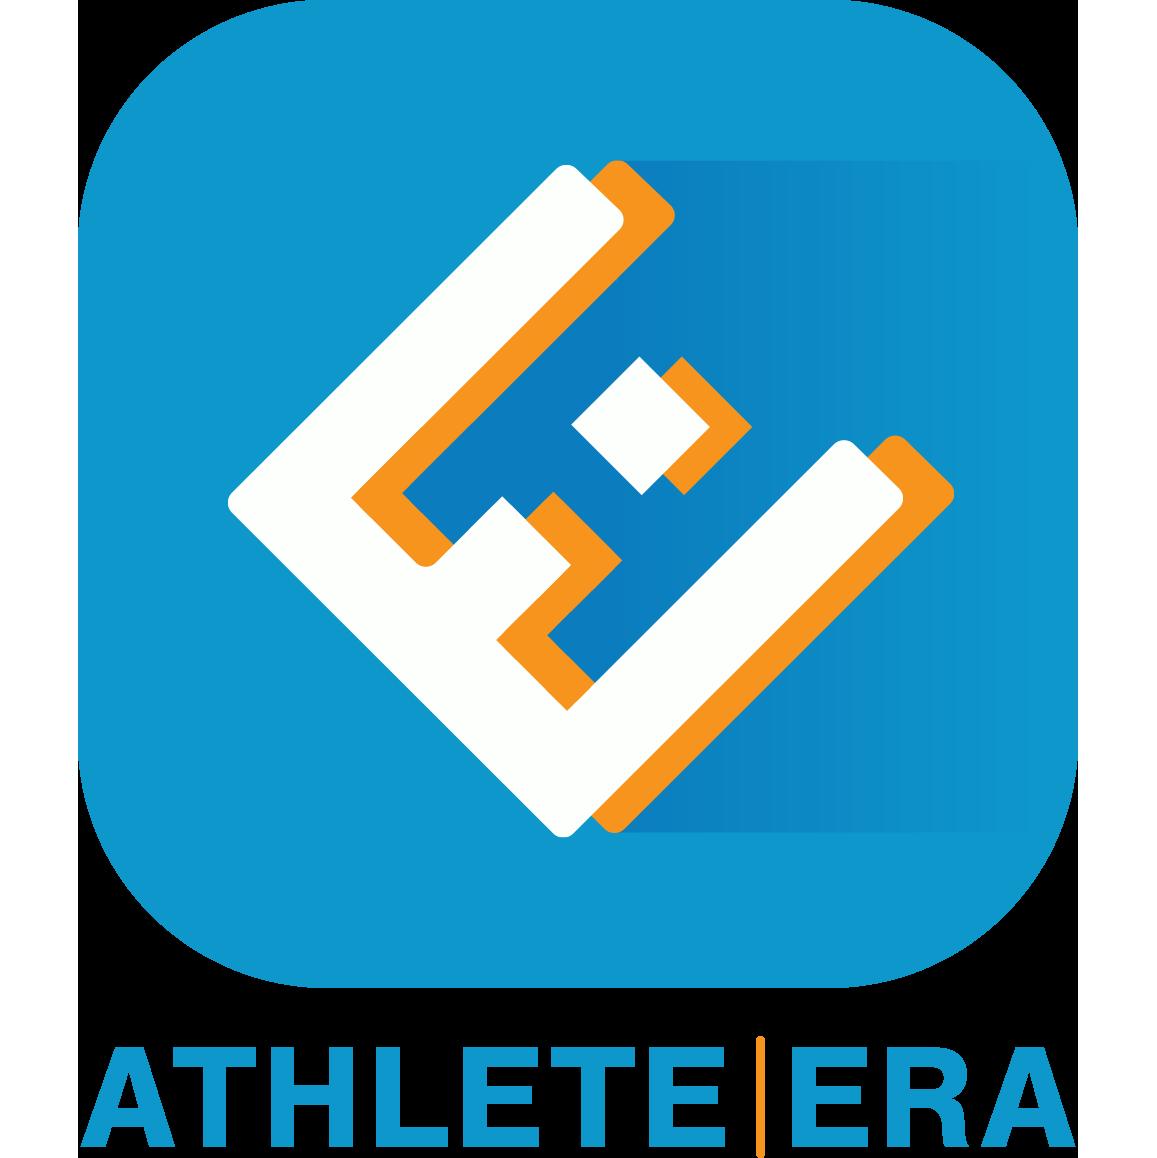 athlete era logo